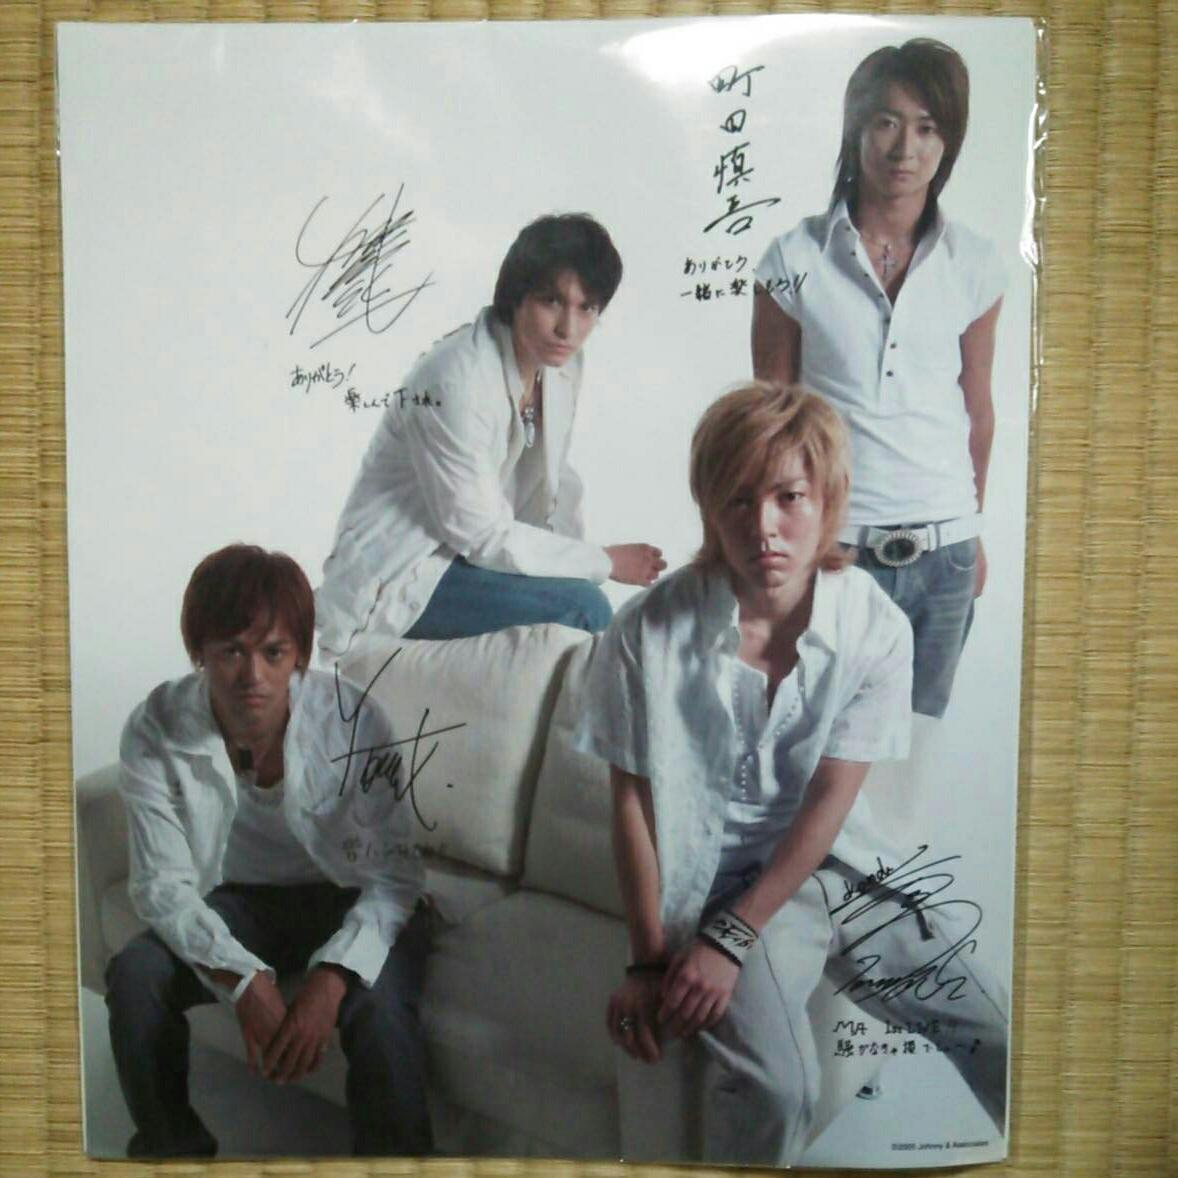 写真 MA ミュージカル・アカデミー 屋良朝幸、町田慎吾、秋山純、米花剛史